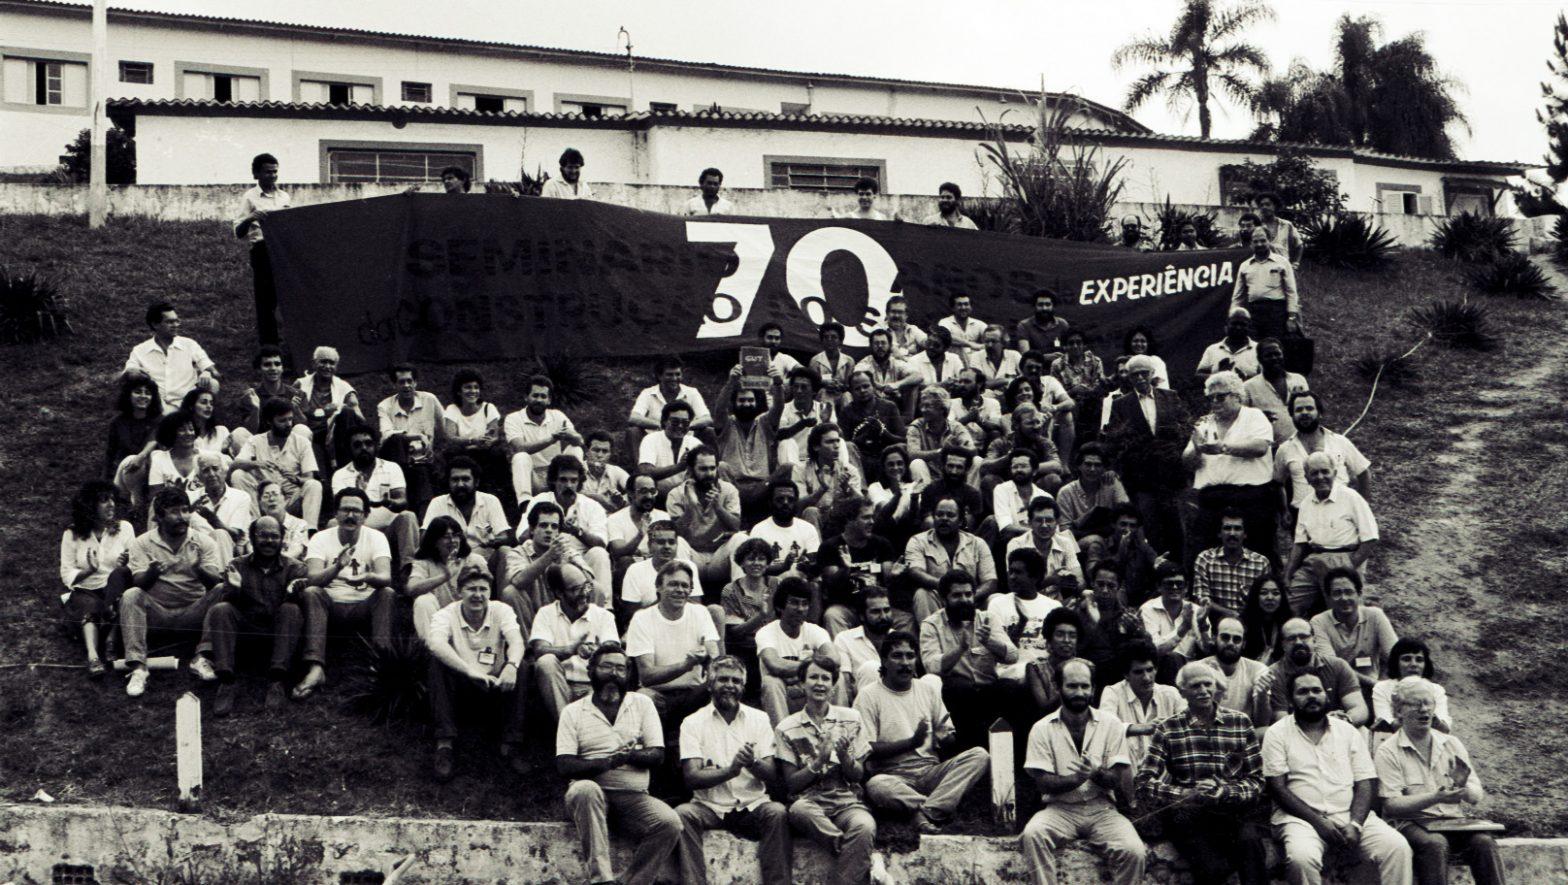 Lugares de Memória dos Trabalhadores #68: Instituto Cajamar, Cajamar (SP) – Valter Pomar e Paulo Fontes